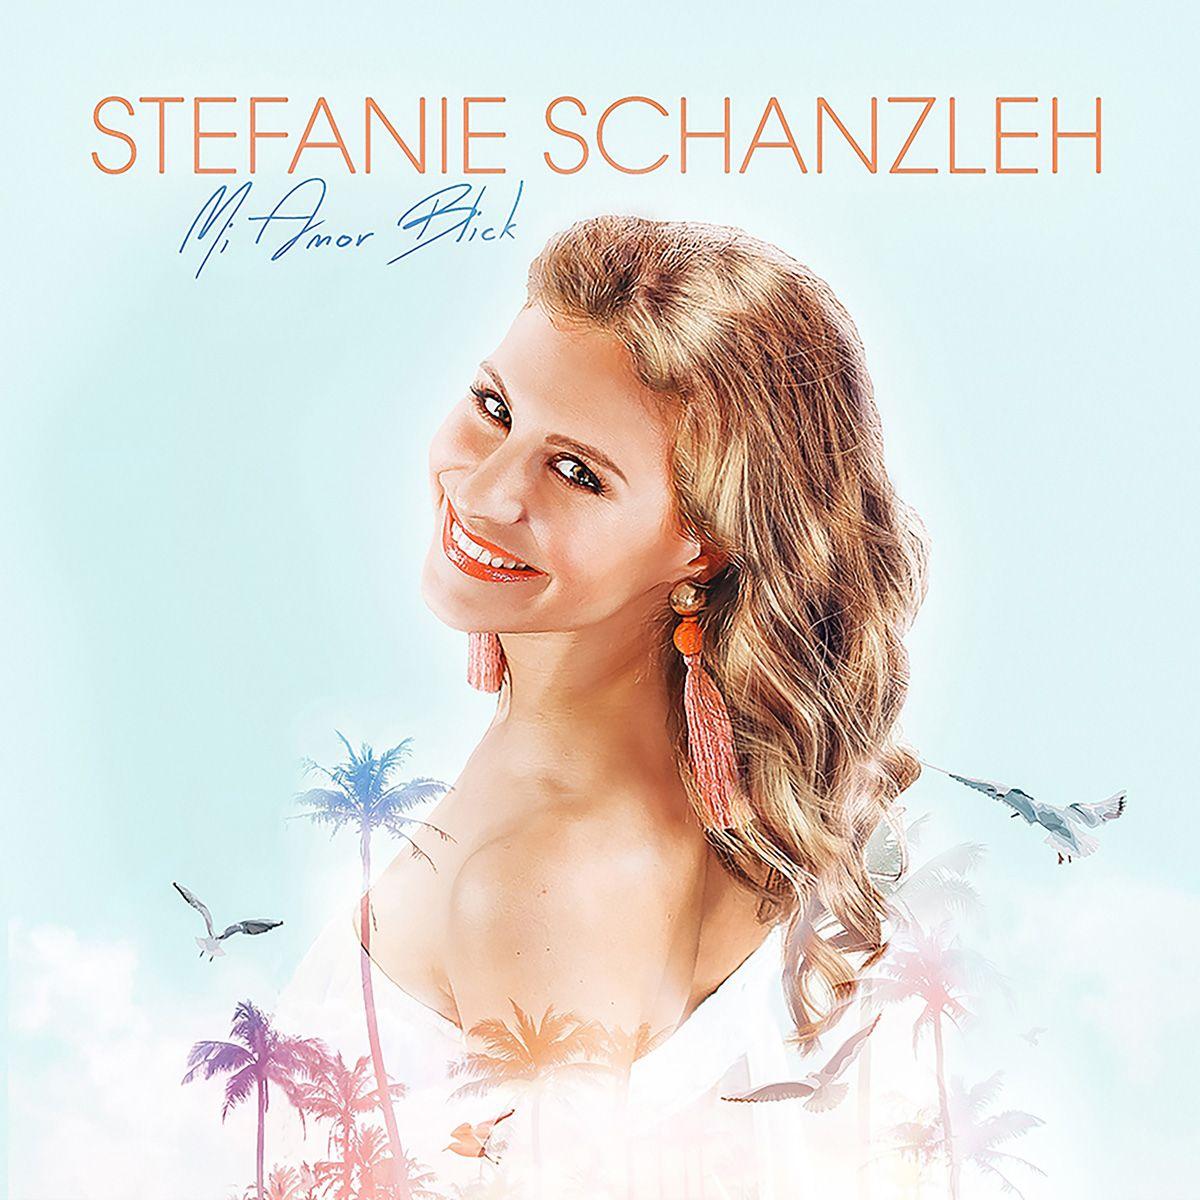 """""""Mi Amor Blick"""" – Stefanie Schanzleh"""